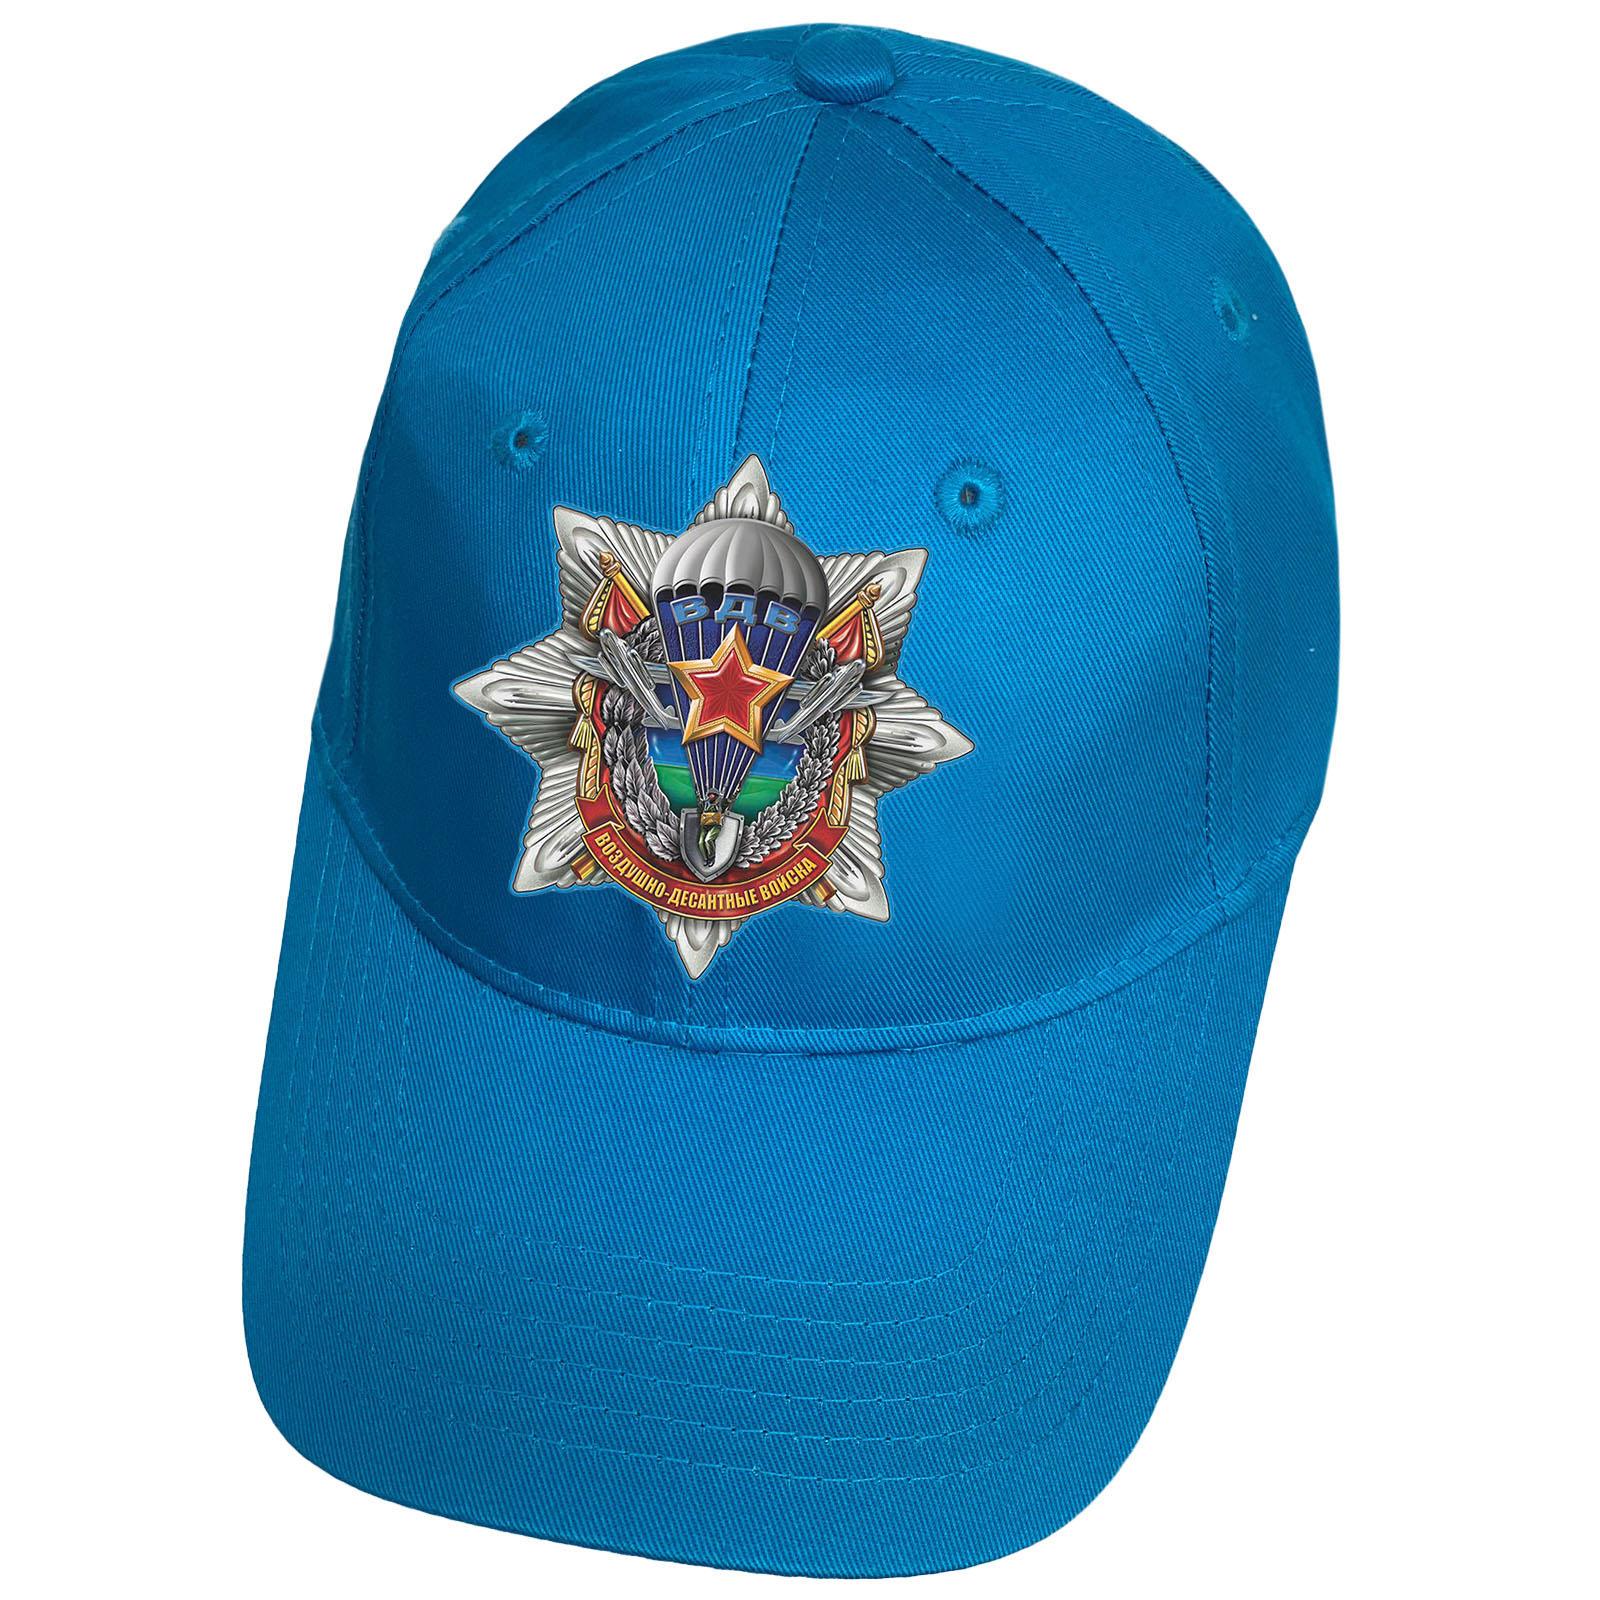 Голубая кепка с термотрансфером Воздушно-десантные войска